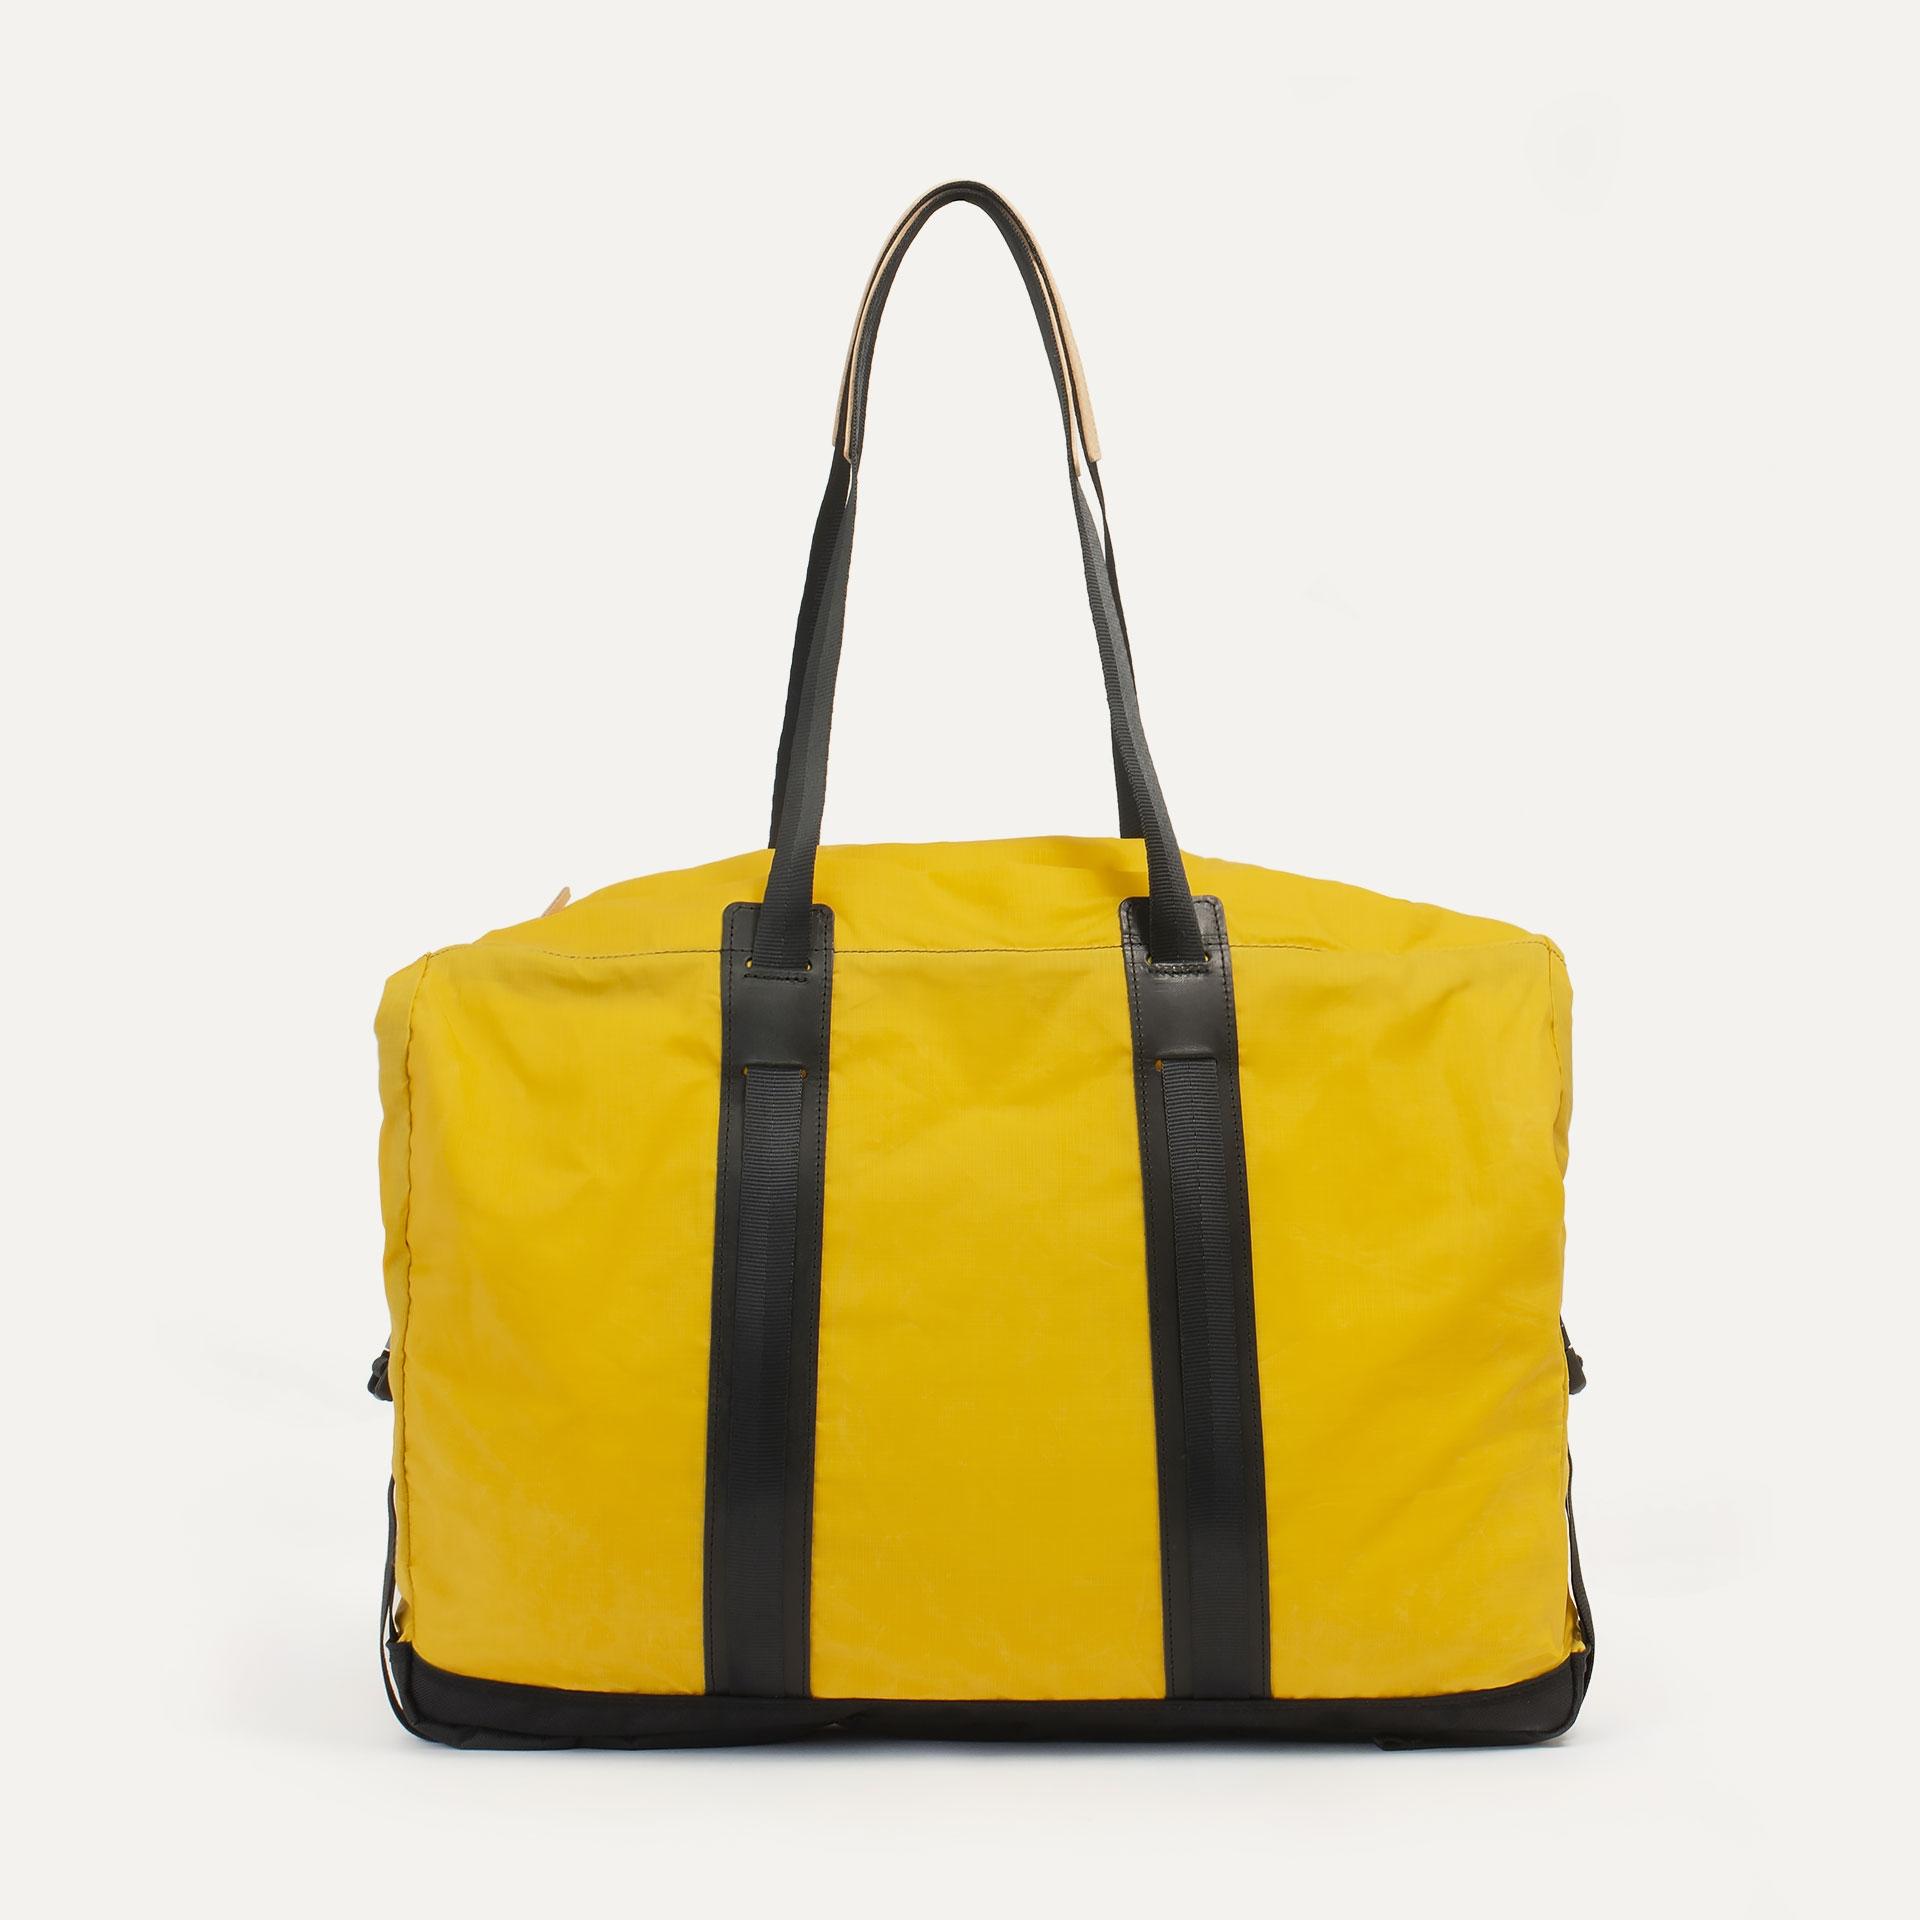 15L Barda Tote bag - Sun Yellow (image n°3)